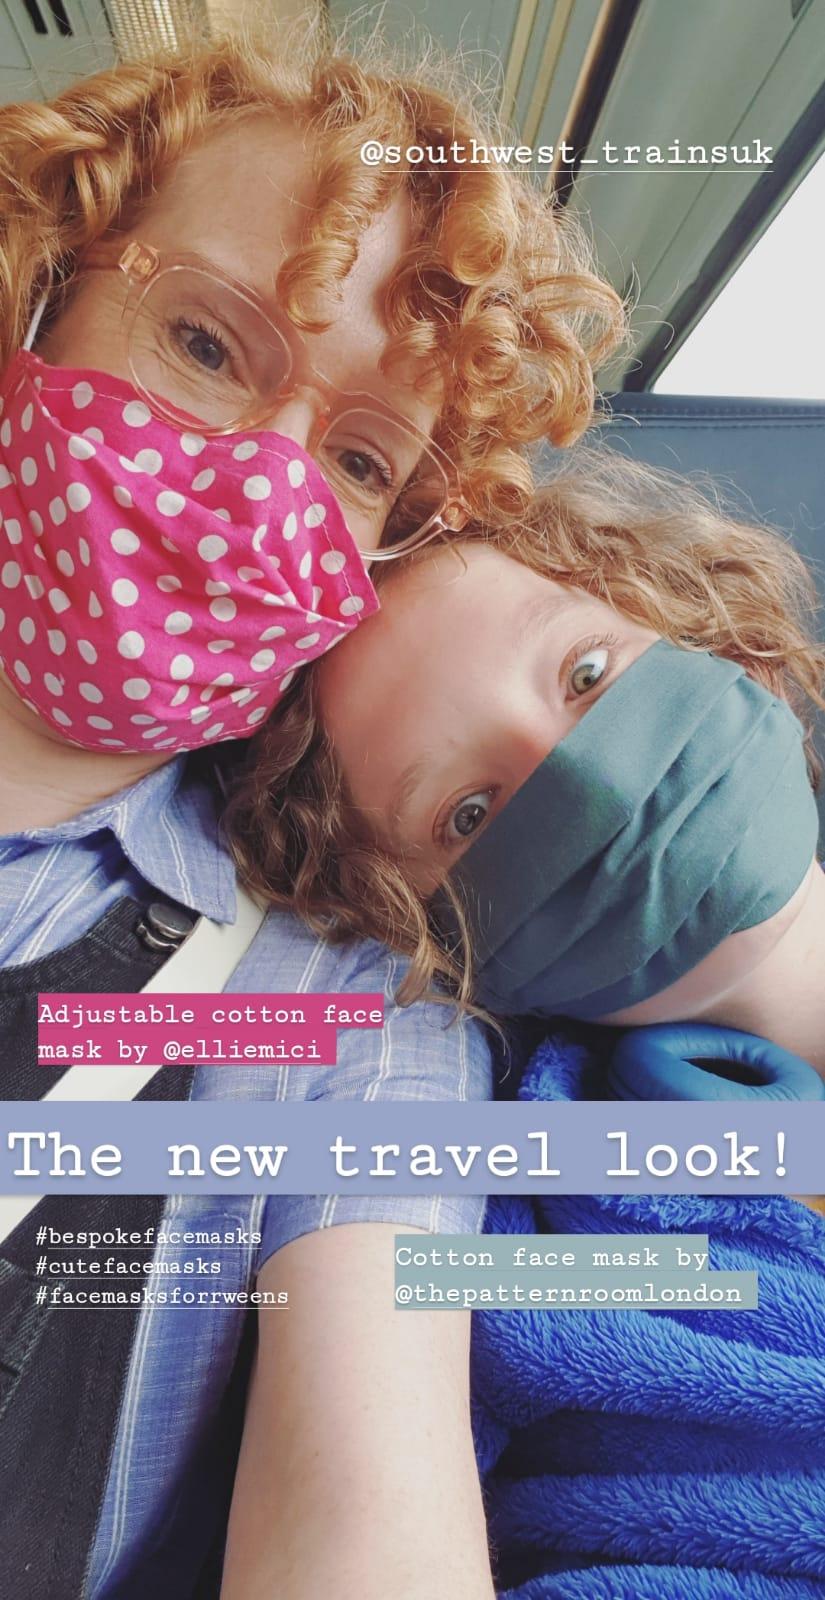 Cotton eco face masks for public transport